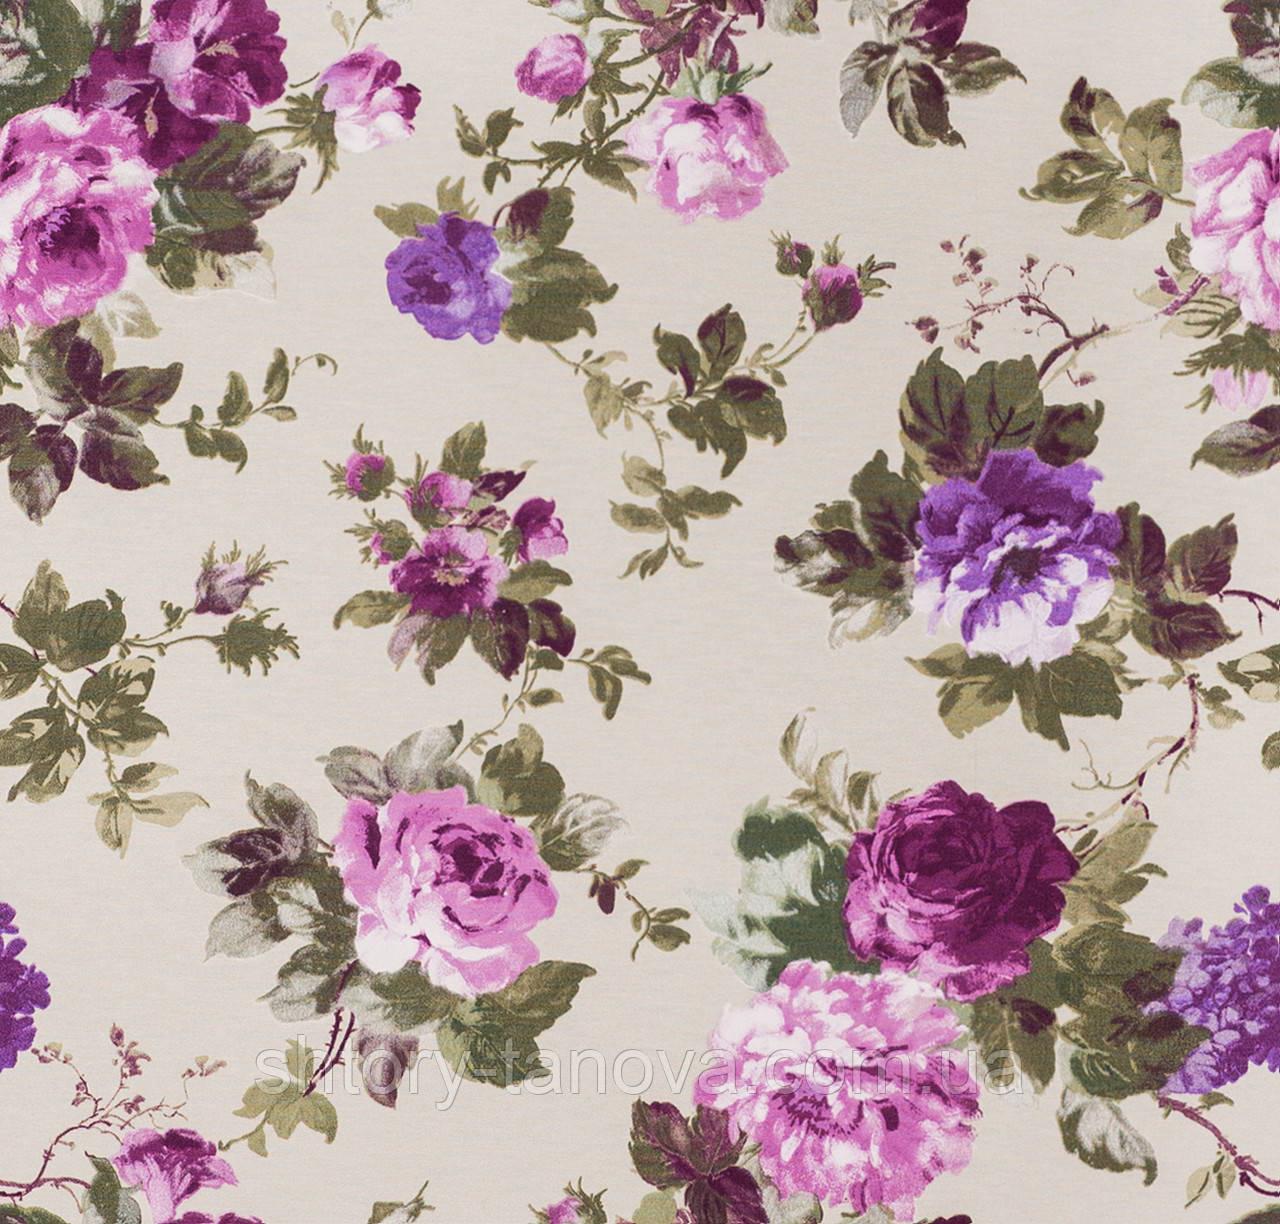 Купить ткань в россии купить шелк в интернет магазине в розницу дешево